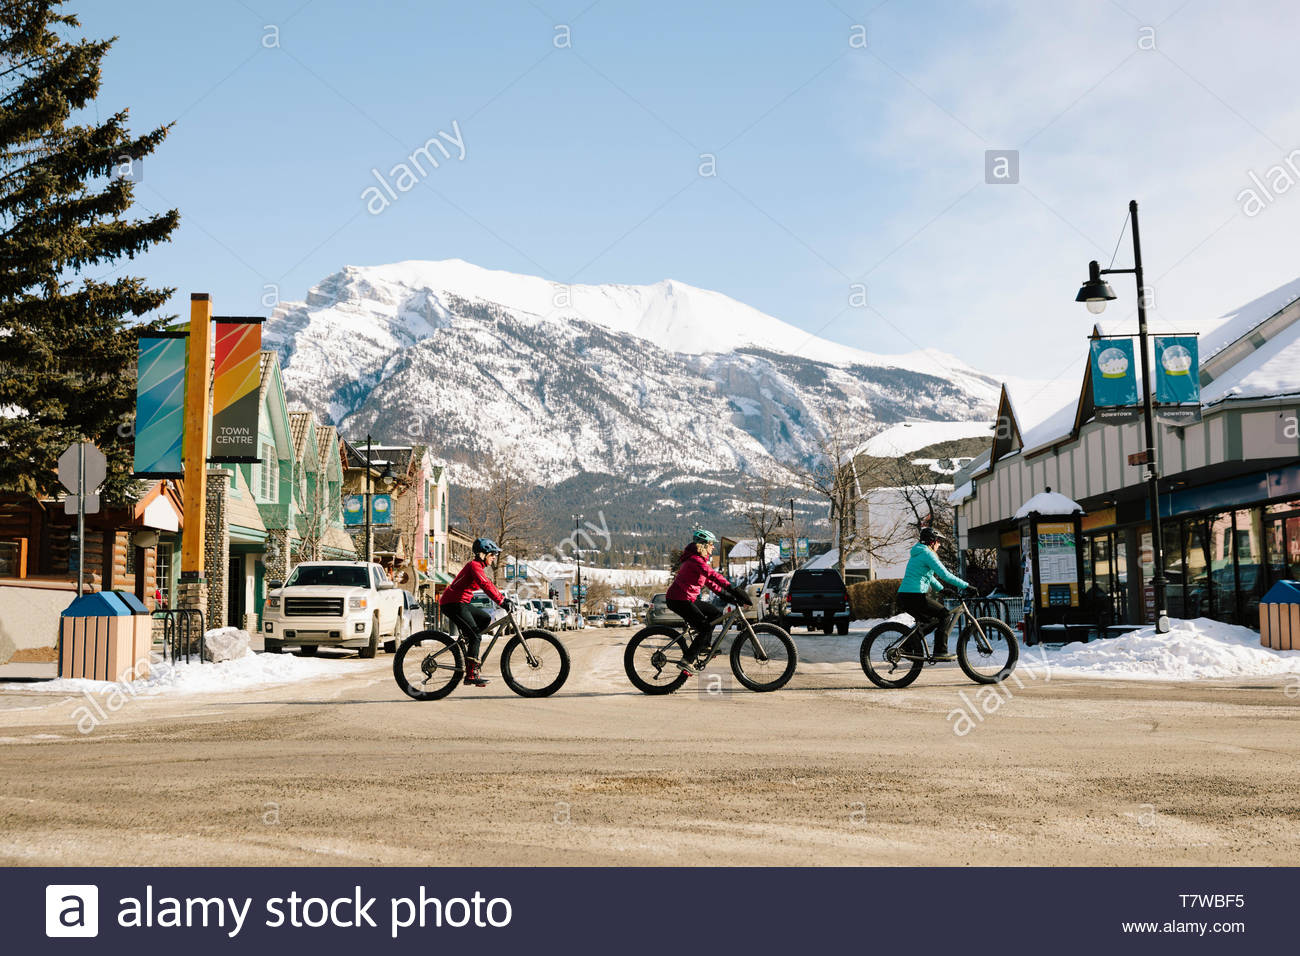 Friends fat biking in town below mountain - Stock Image